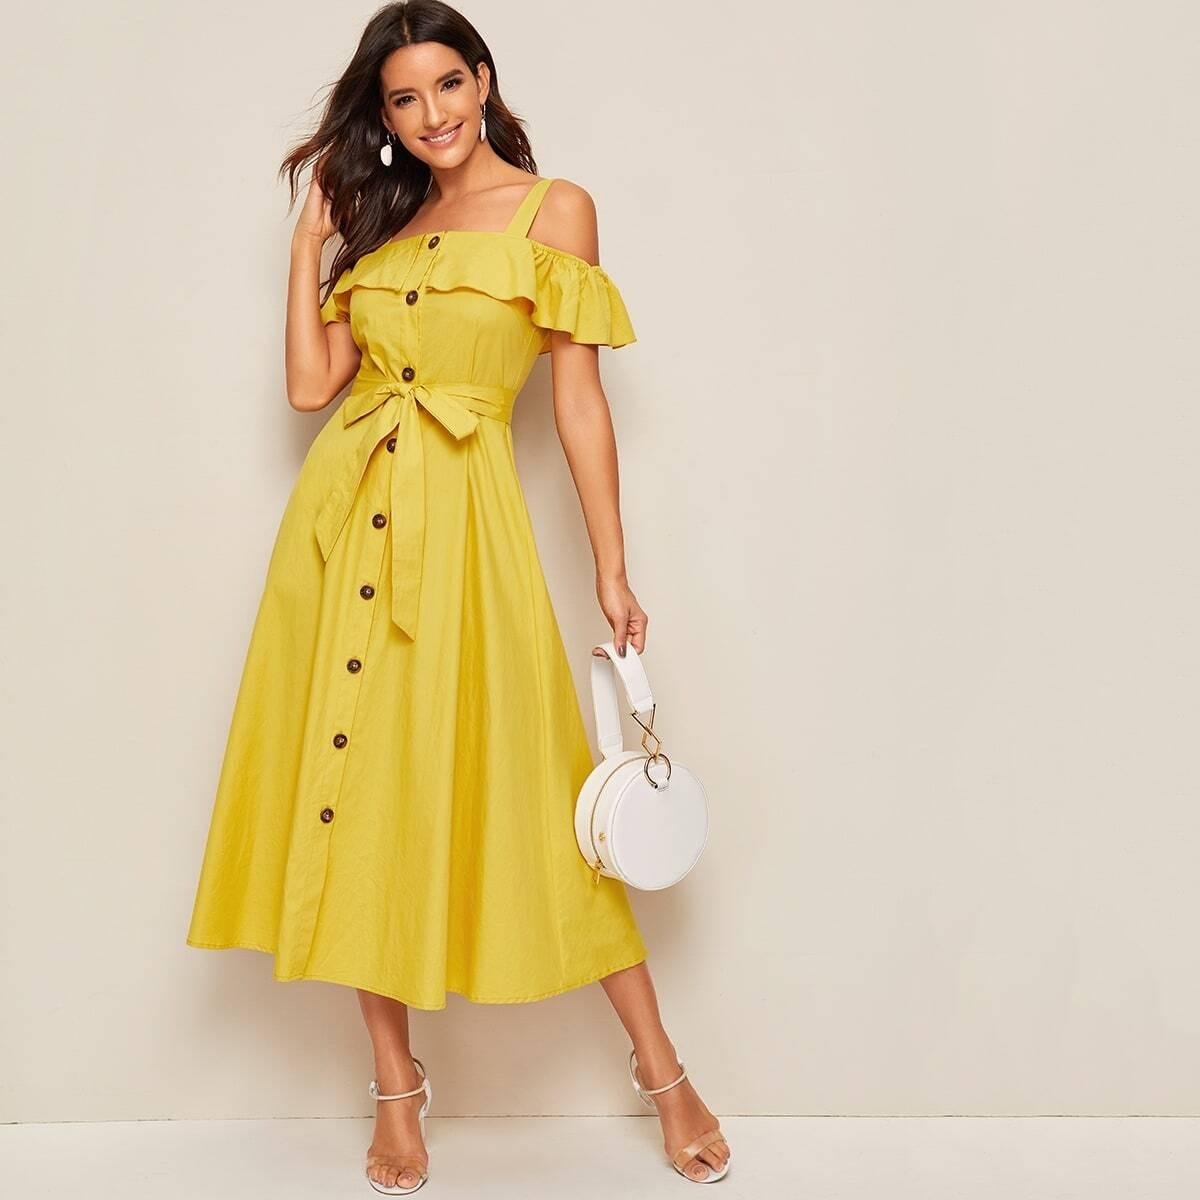 Платье с пуговицами, поясом, открытым плечом и оборкой